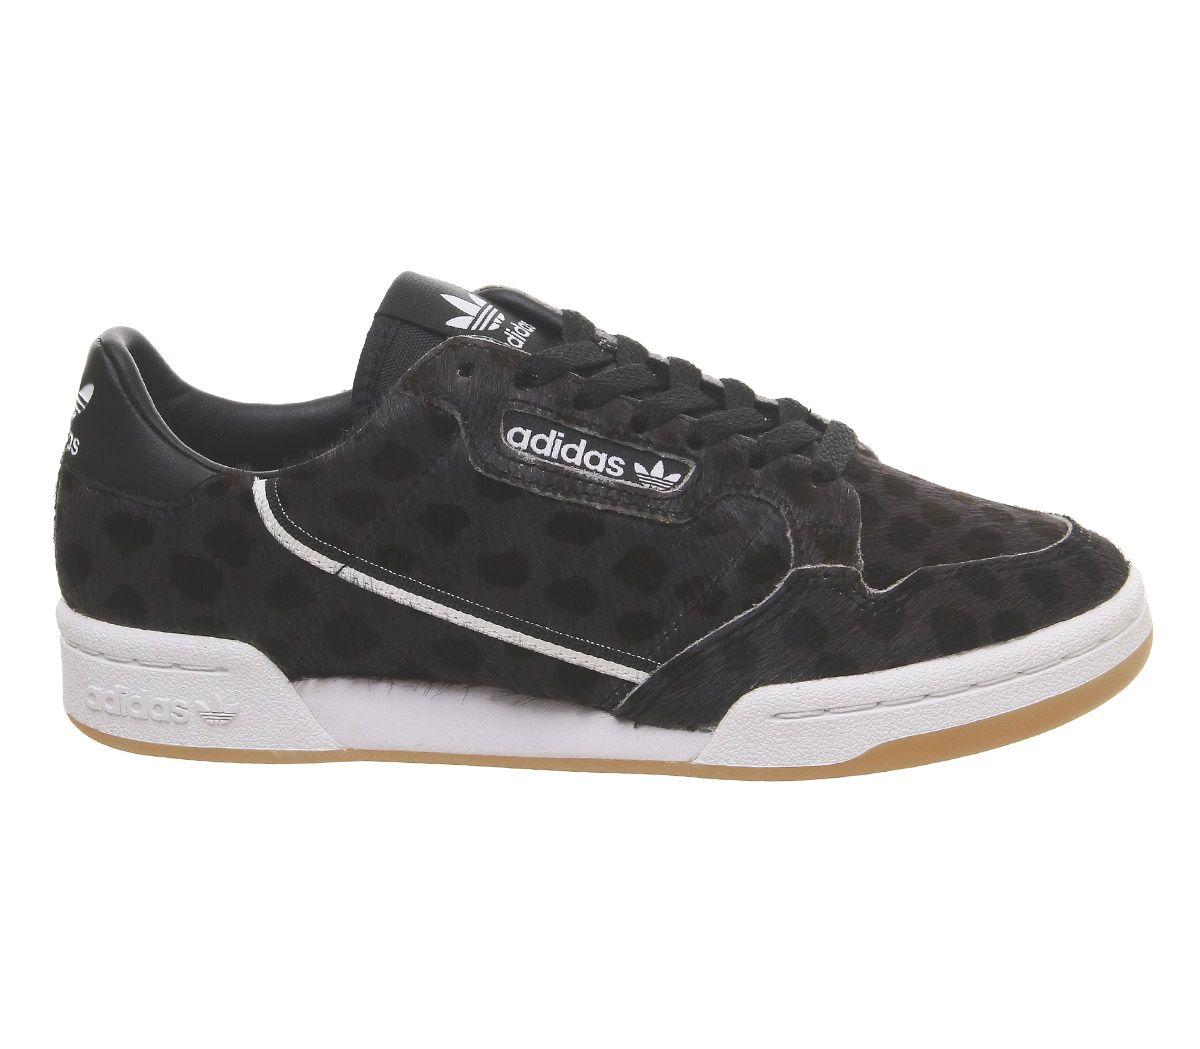 Detalles de Adidas Mujer Continental Años 80 Zapatillas Negras Cristal Blanco Goma